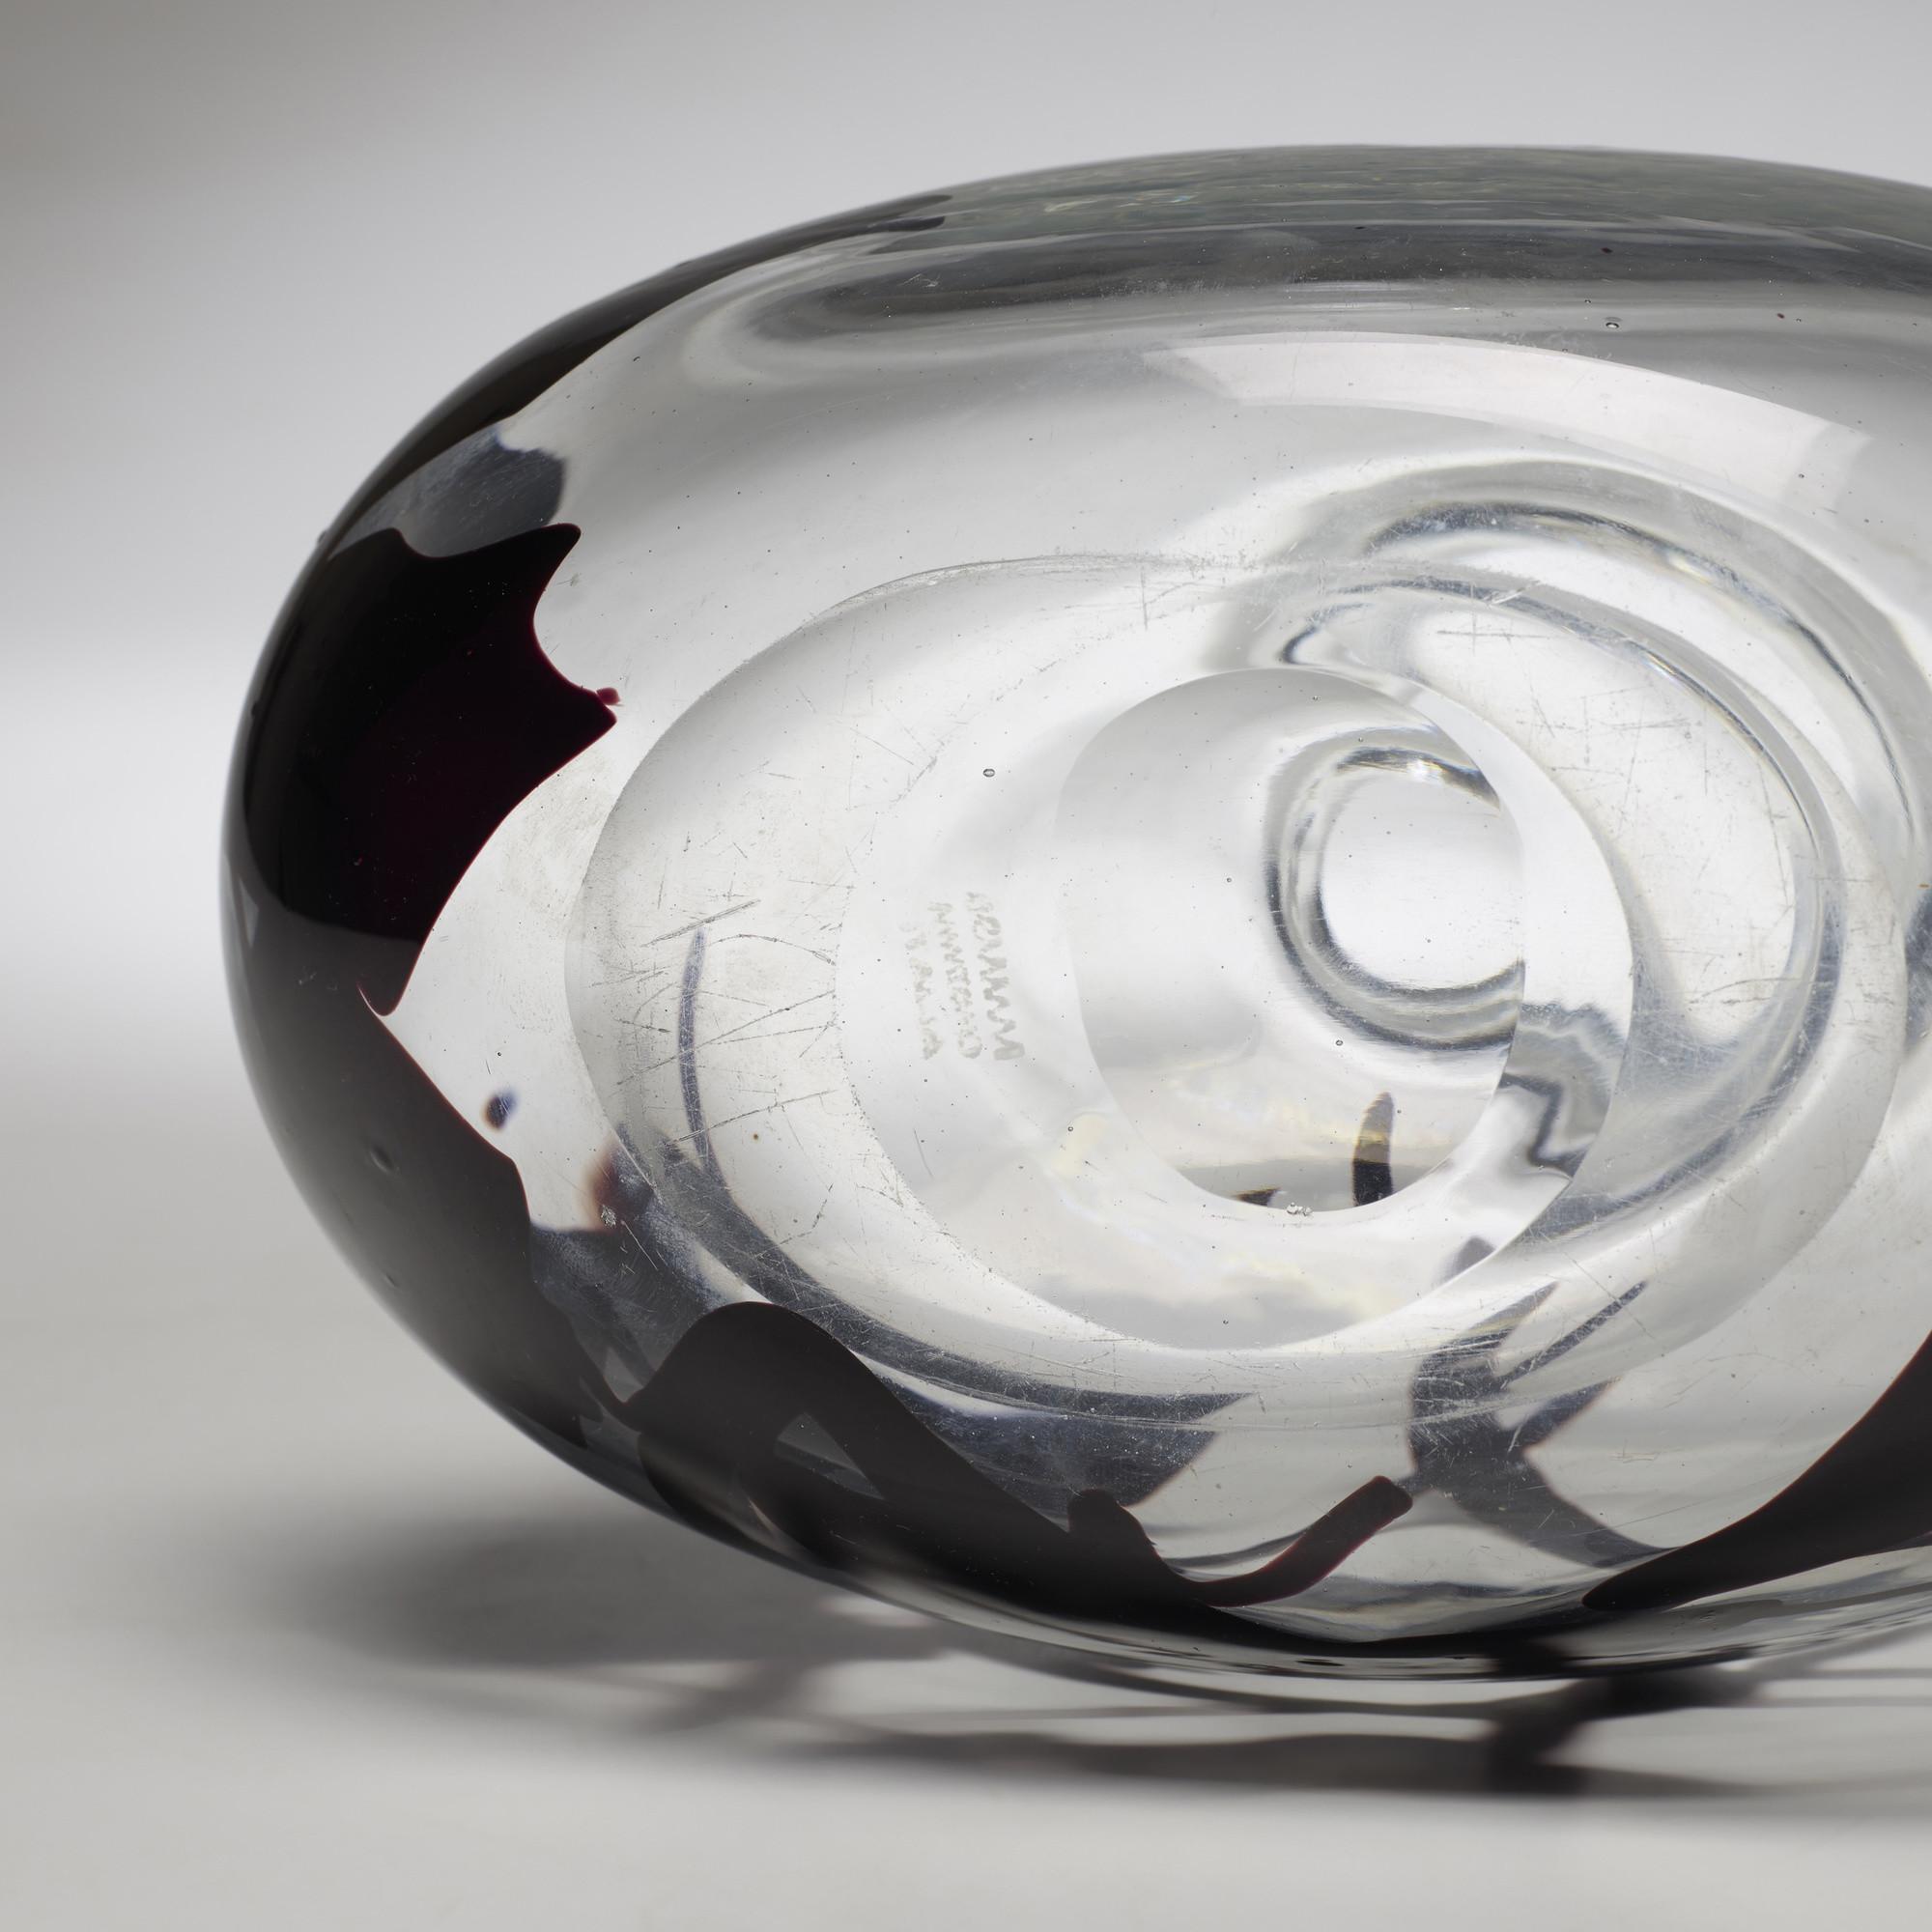 mini colored glass vases of 139 fulvio bianconi important con macchie vase model 4324 in 139 fulvio bianconi important con macchie vase model 4324 4 of 4